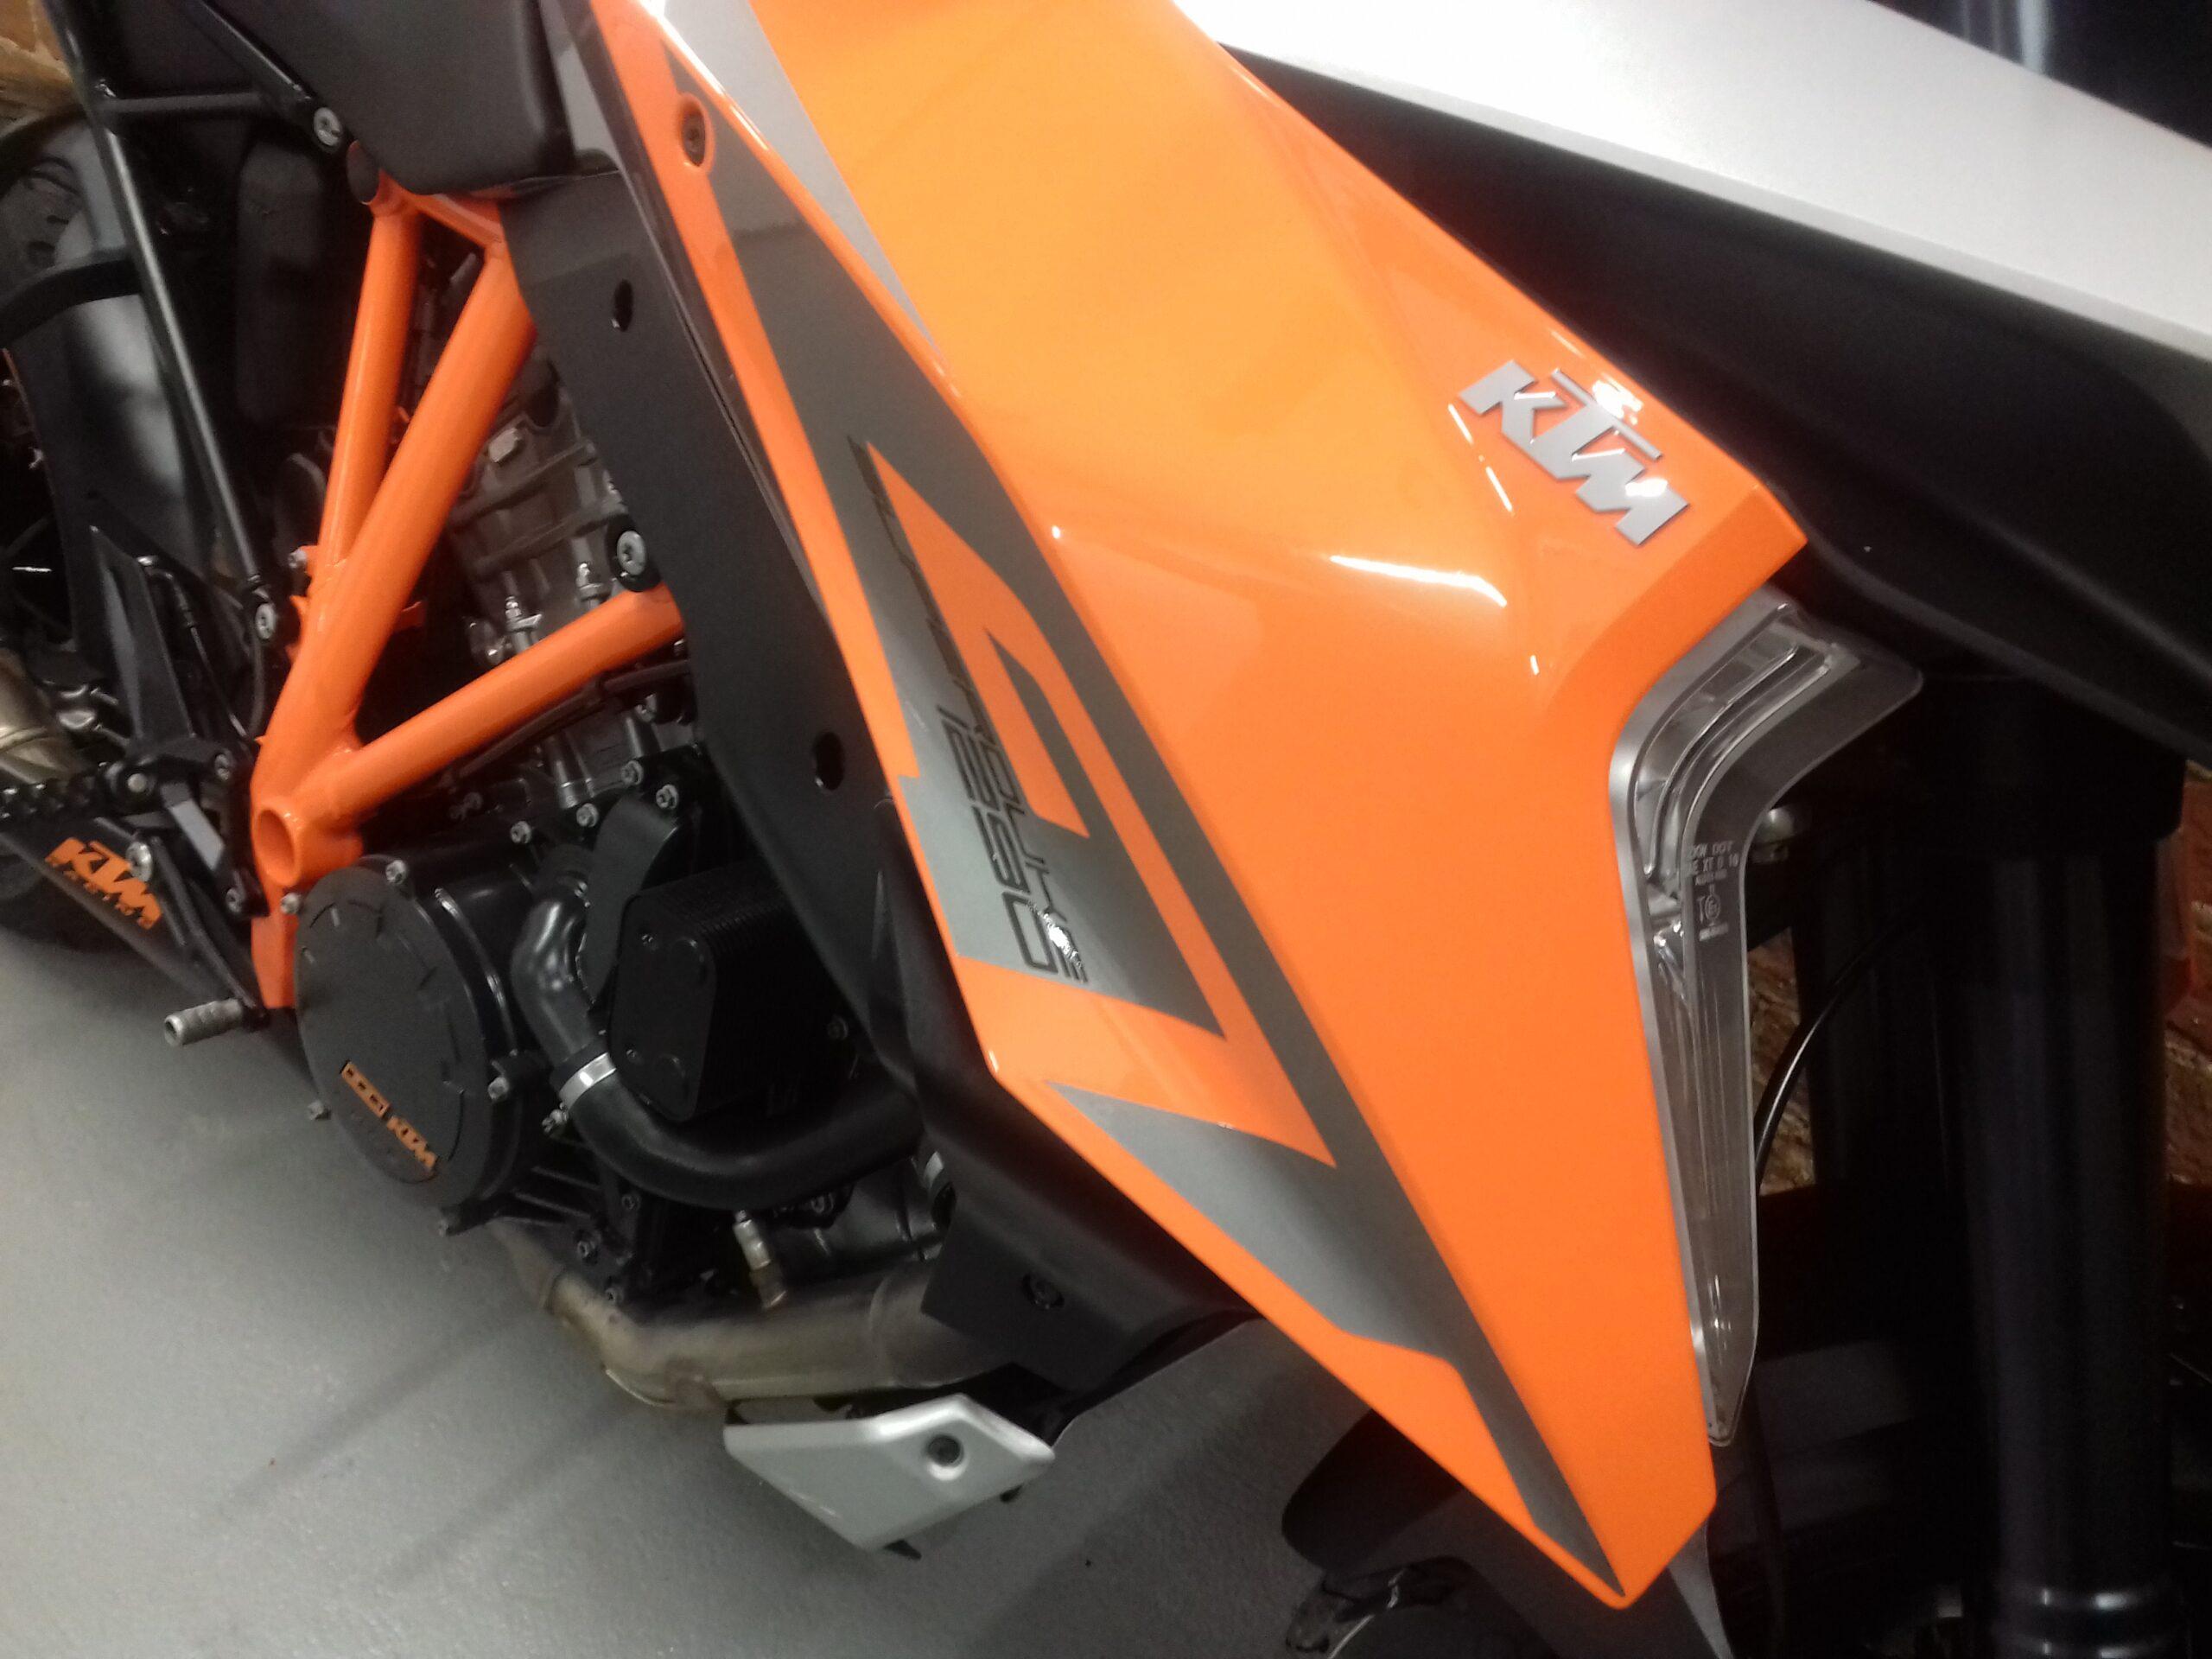 KTM 1290 SUPERDUKE GT 7.9% FINANCE SUBJECT TO STATUS